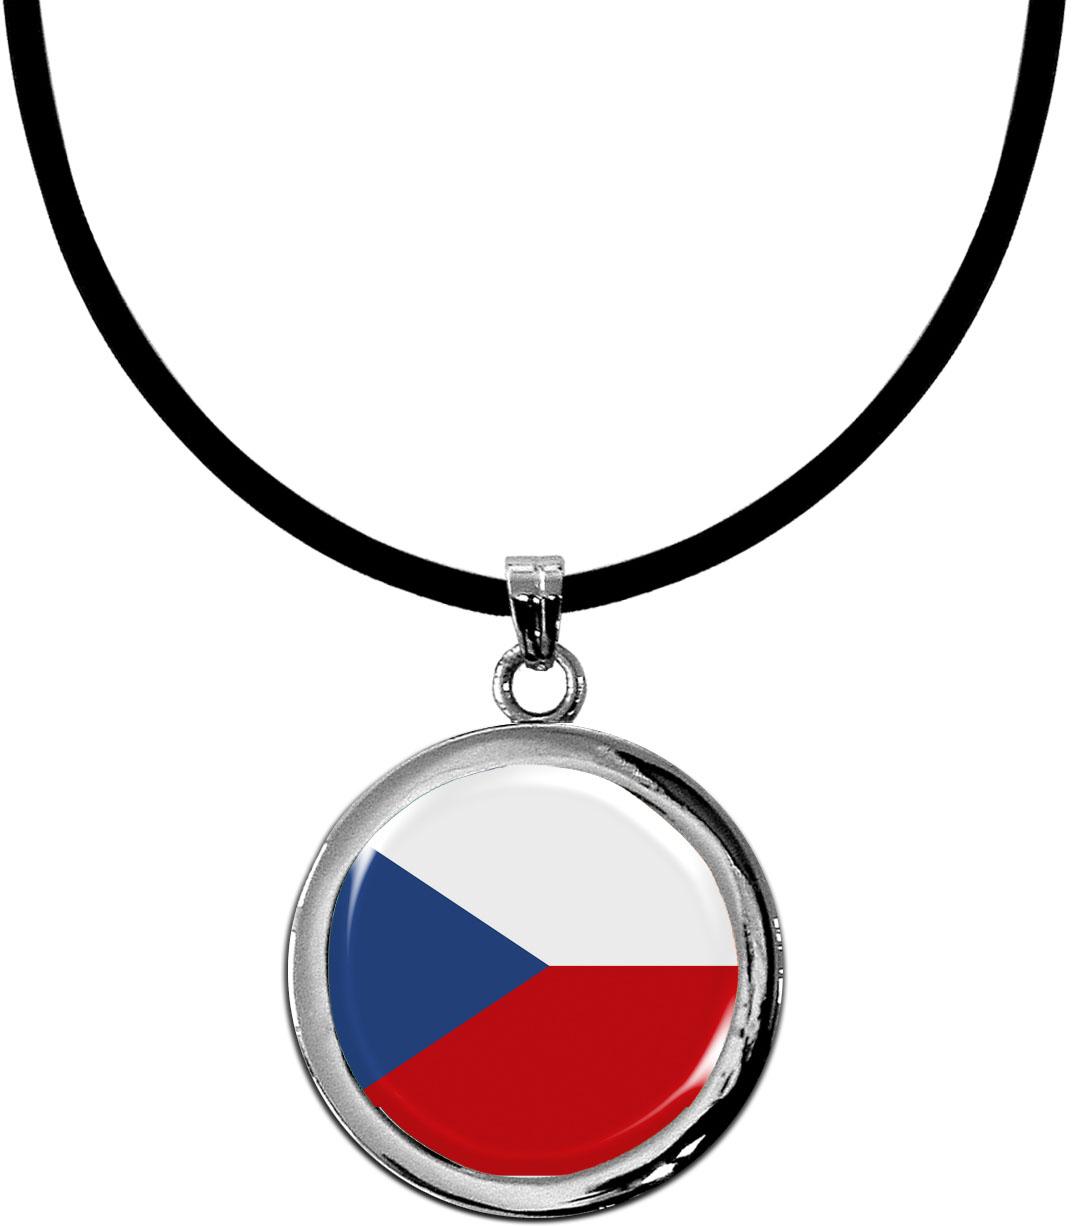 Kettenanhänger / Tschechien / Silikonband mit Silberverschluss